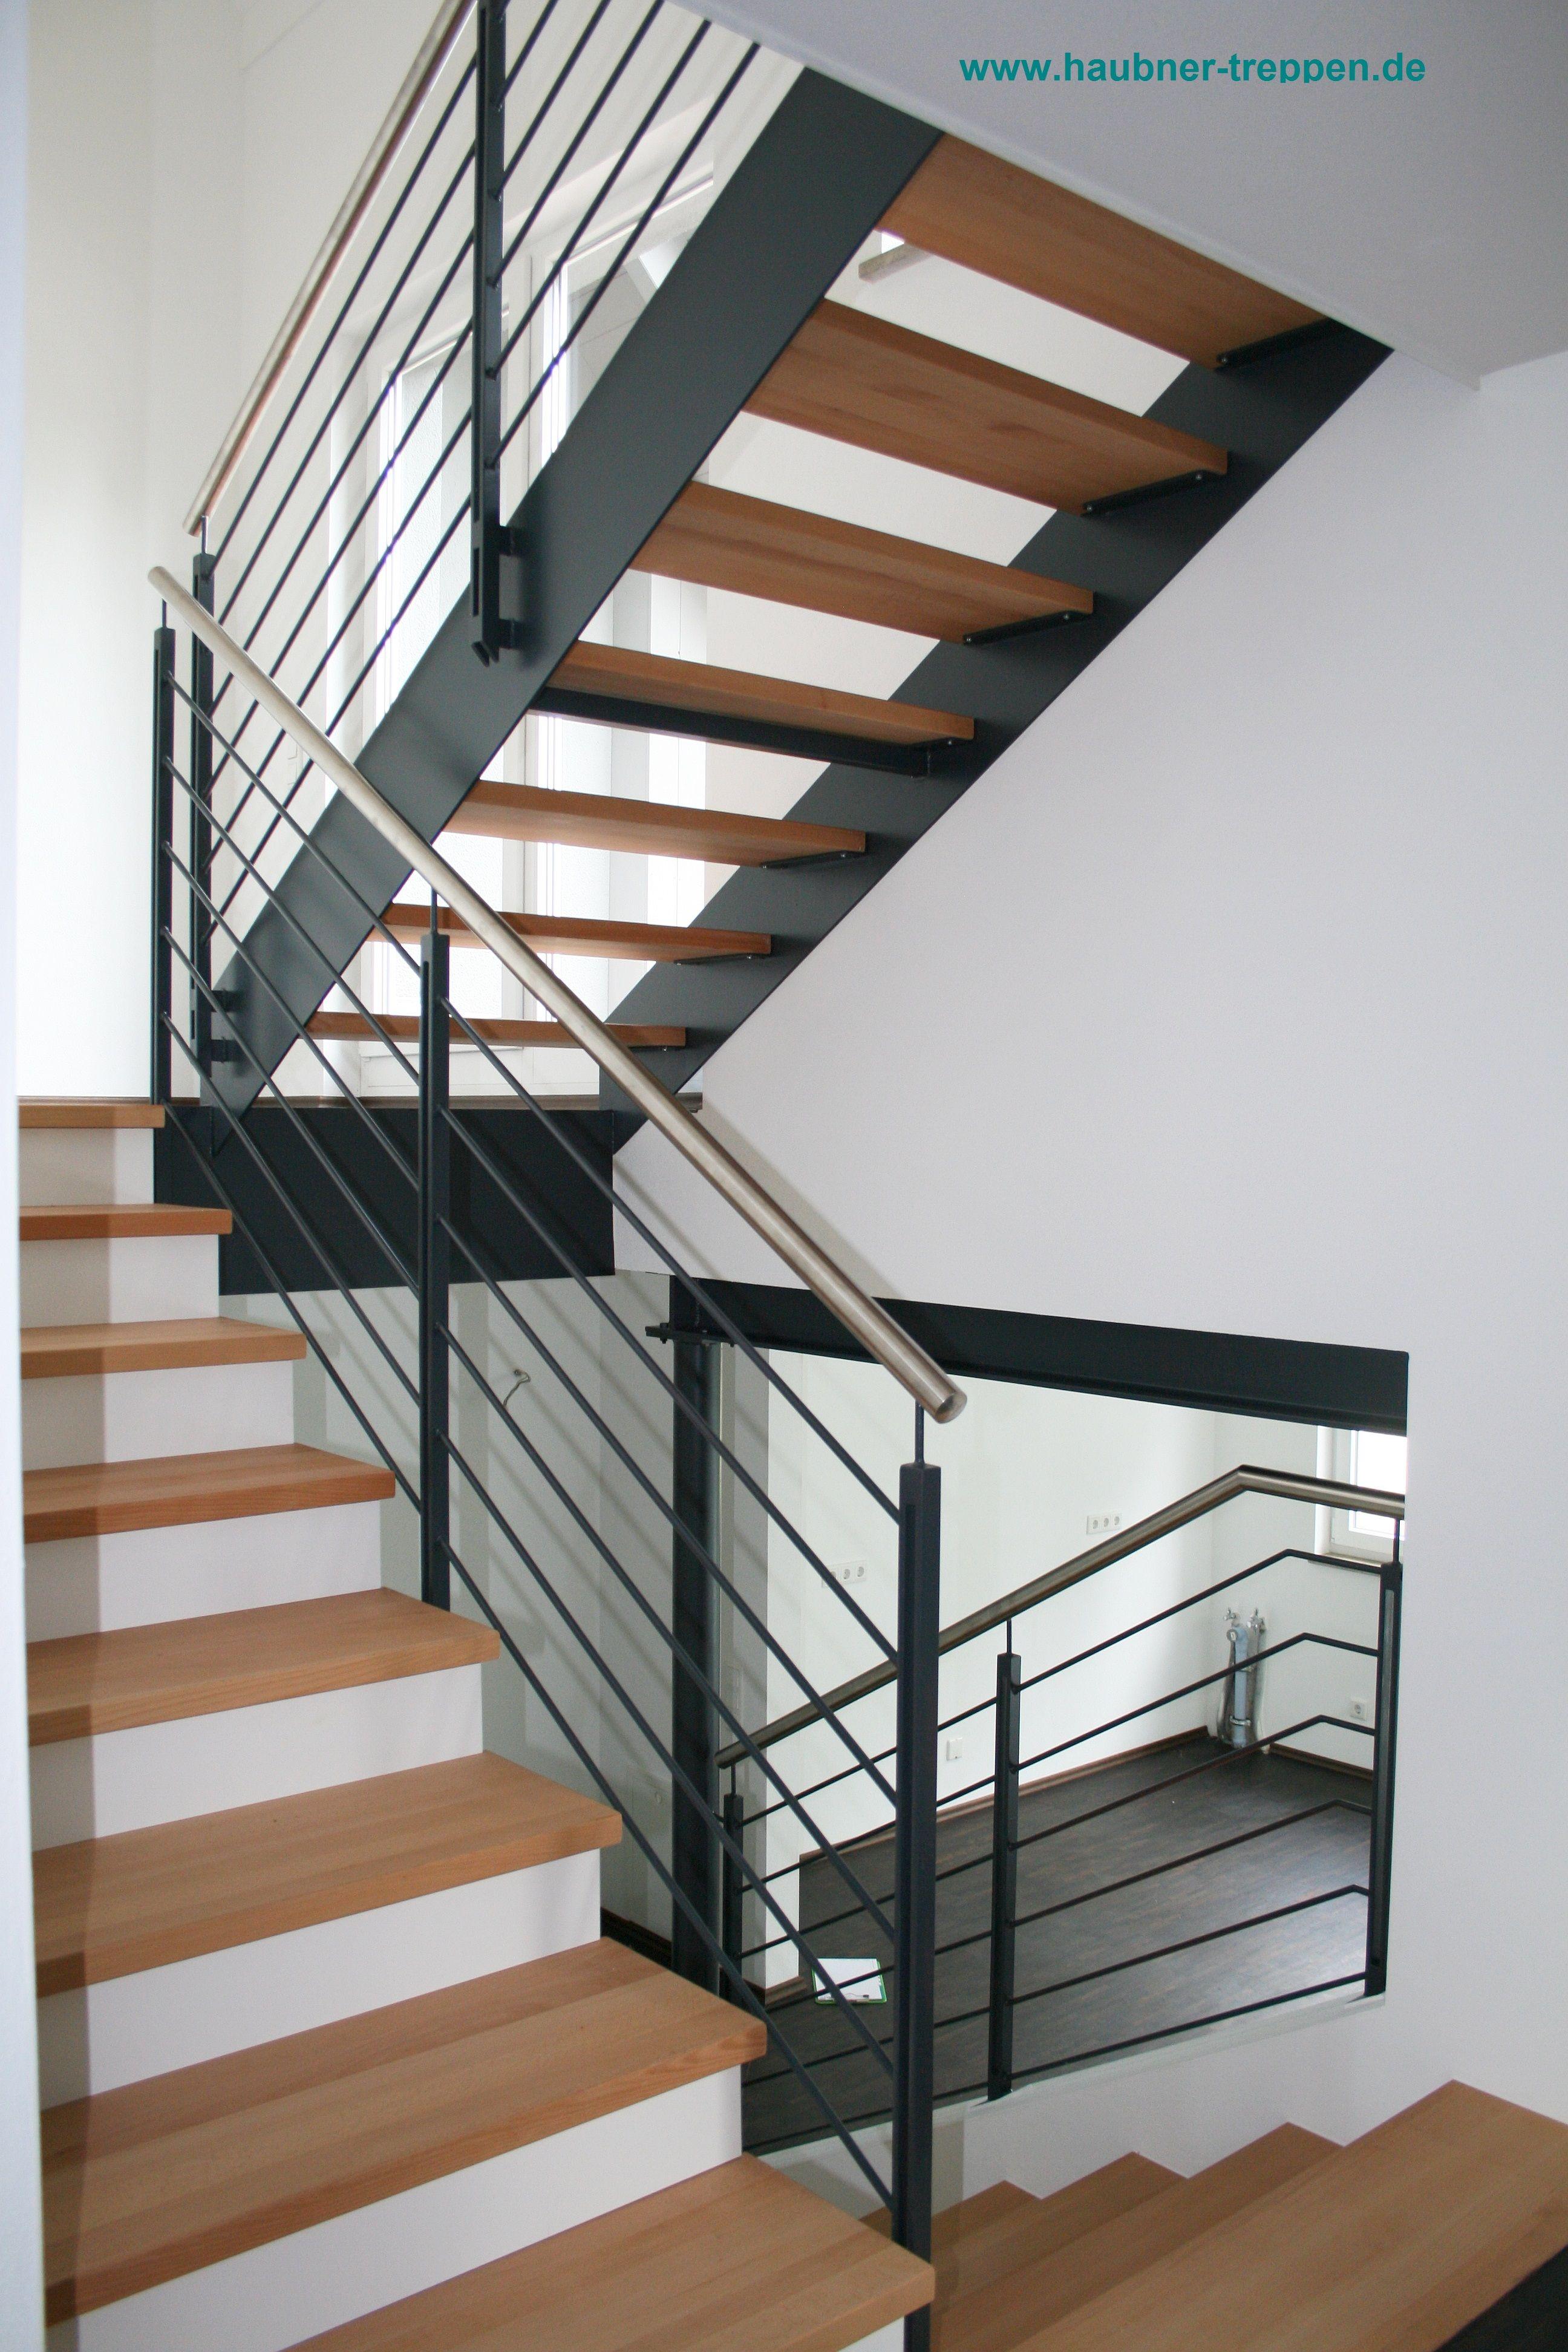 Diese Tolle Mischung Aus Einer Mit Stufen Belegte Betontreppe Und Eine Anschliessende Flachstahlwangentreppe Ist Ein Echter Eyecatche Betontreppe Treppe Stufen